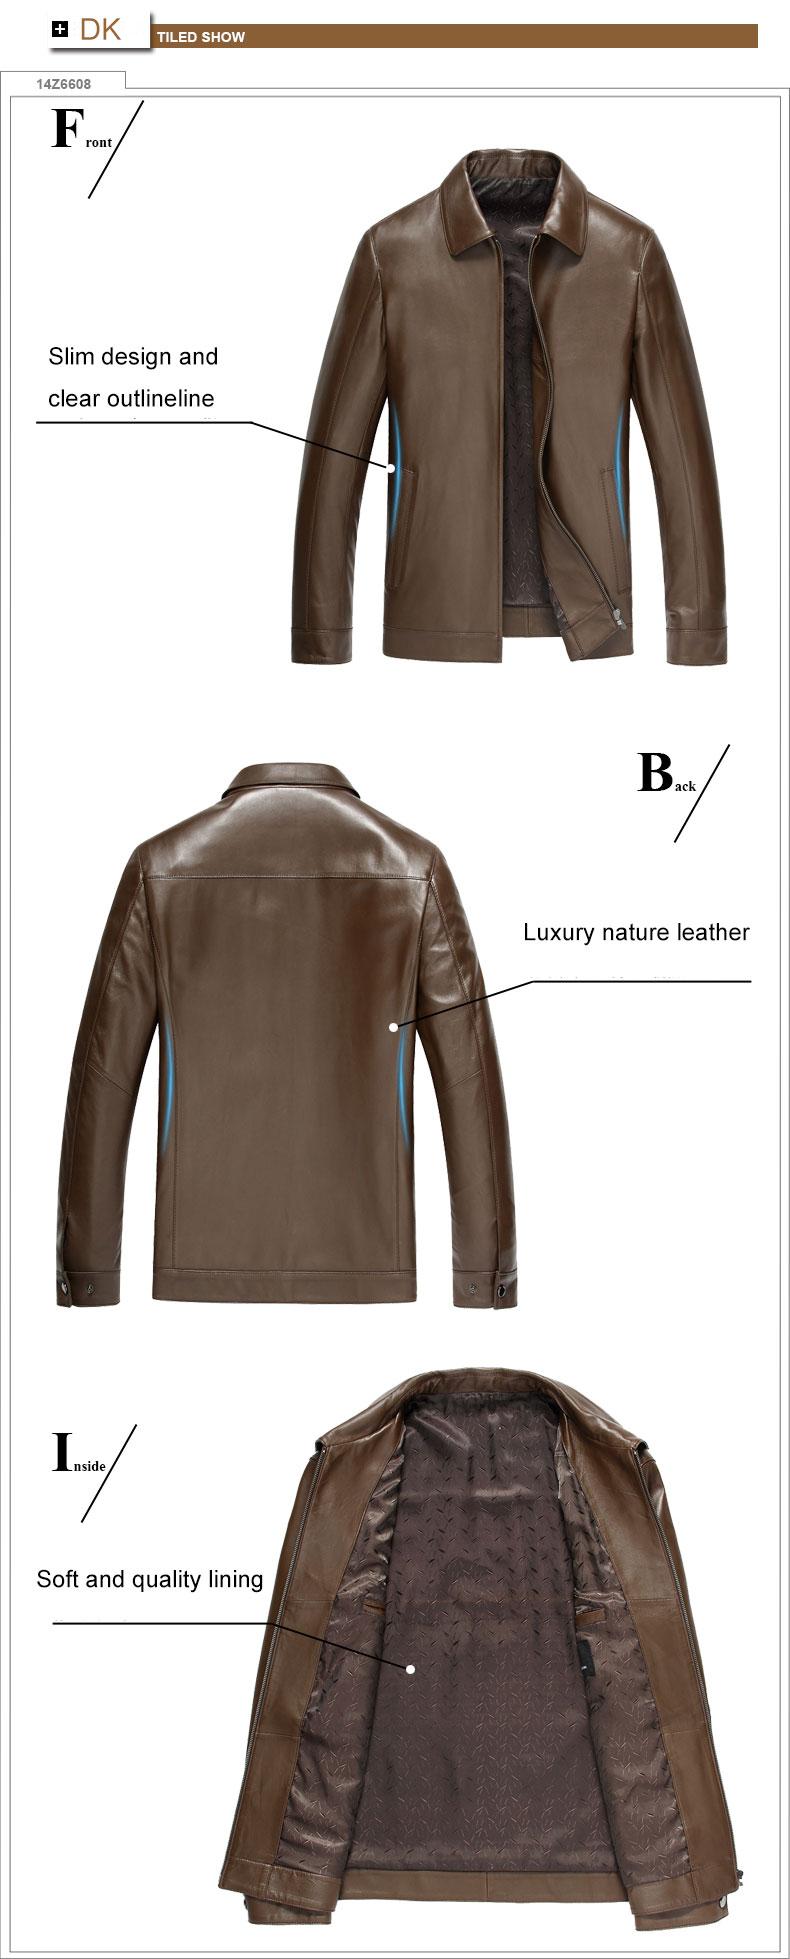 Business Style/Sheepskin 14Z6608 Leather 3